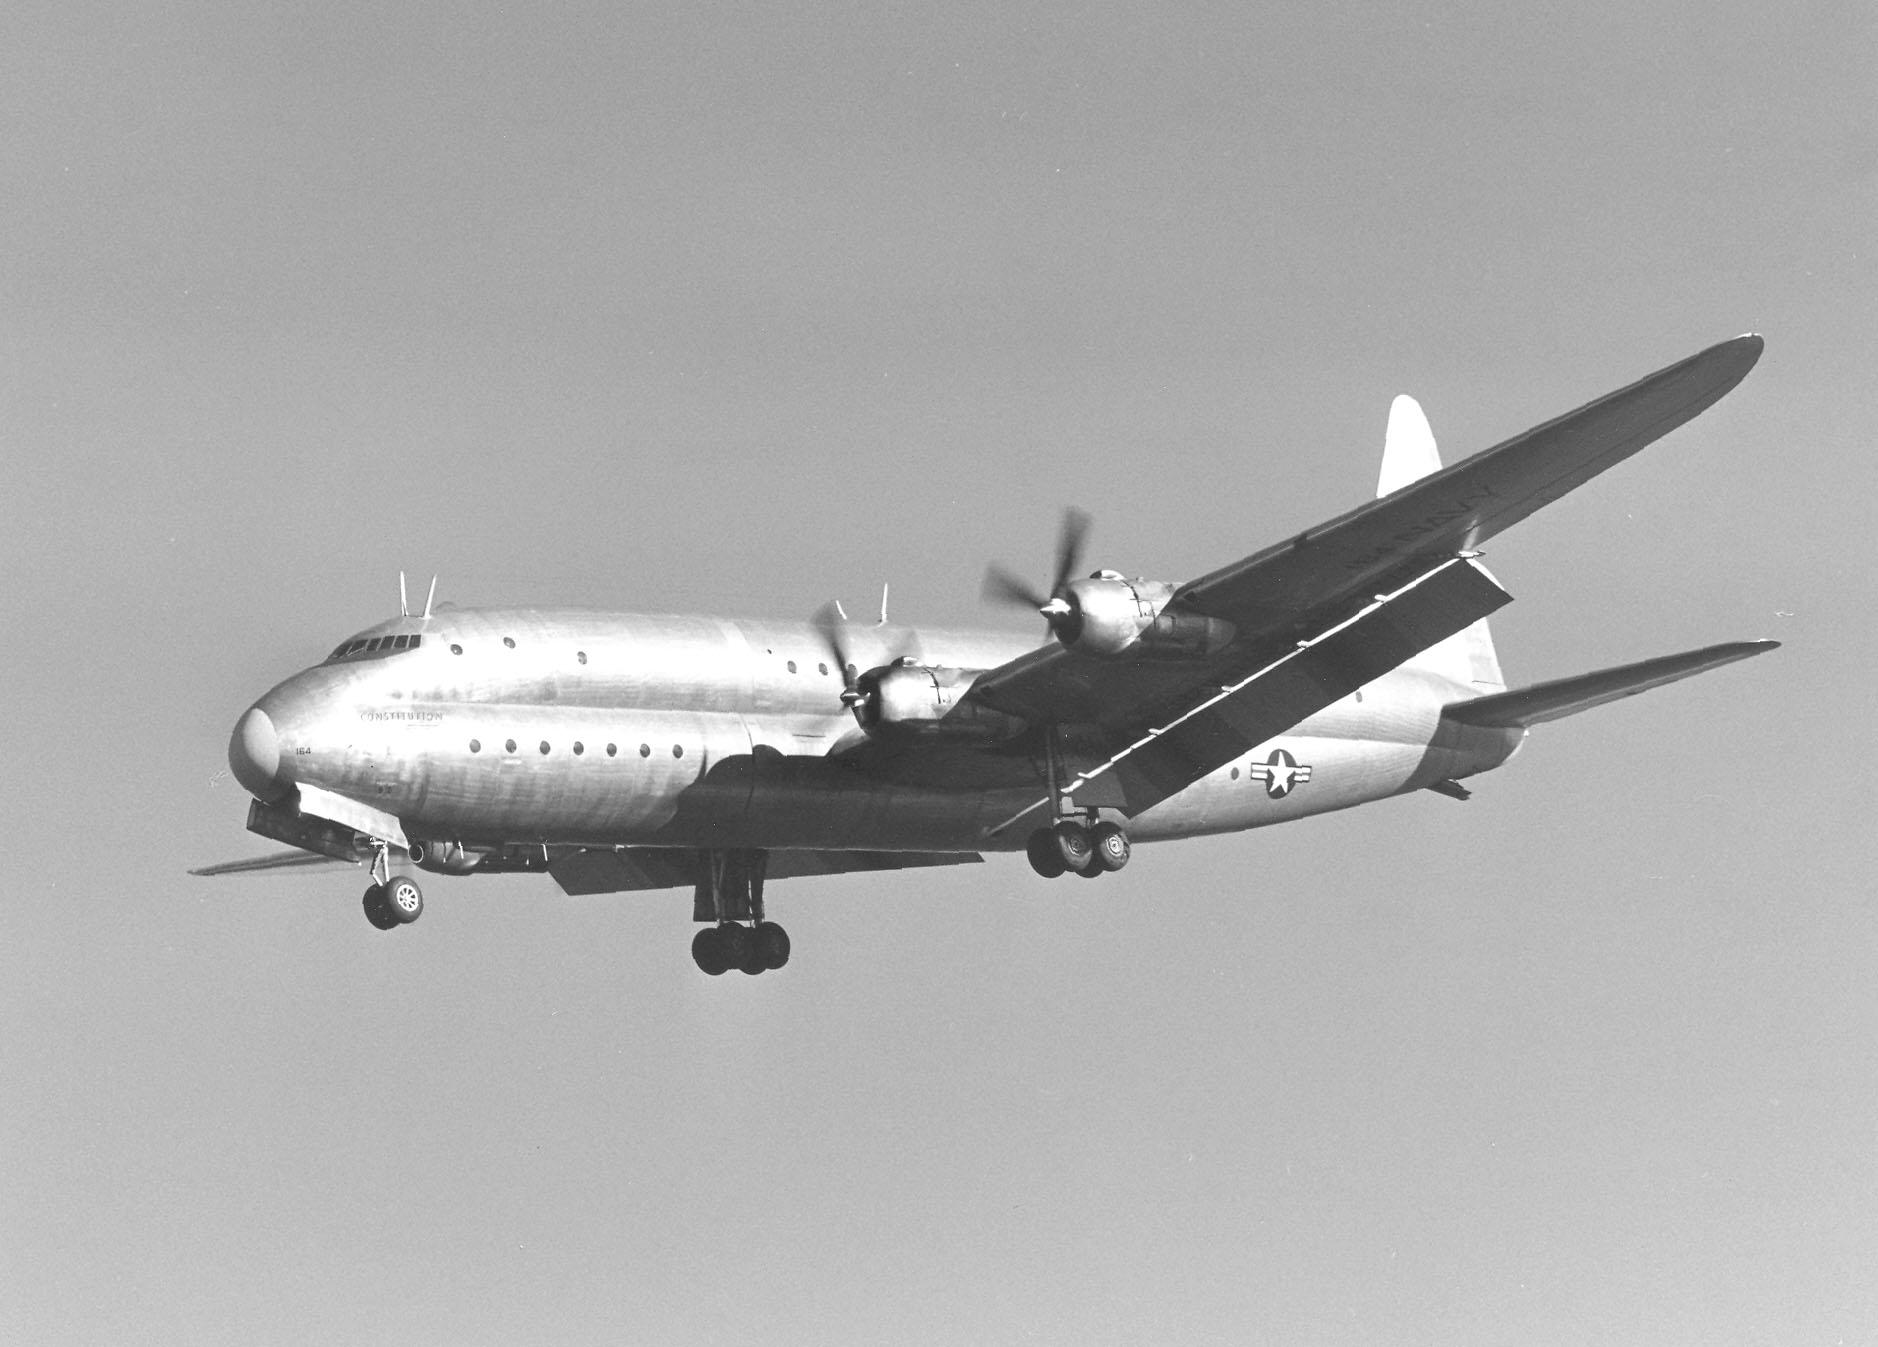 Lockheed_XR6O-1_landing_Moffett_Field.jpg